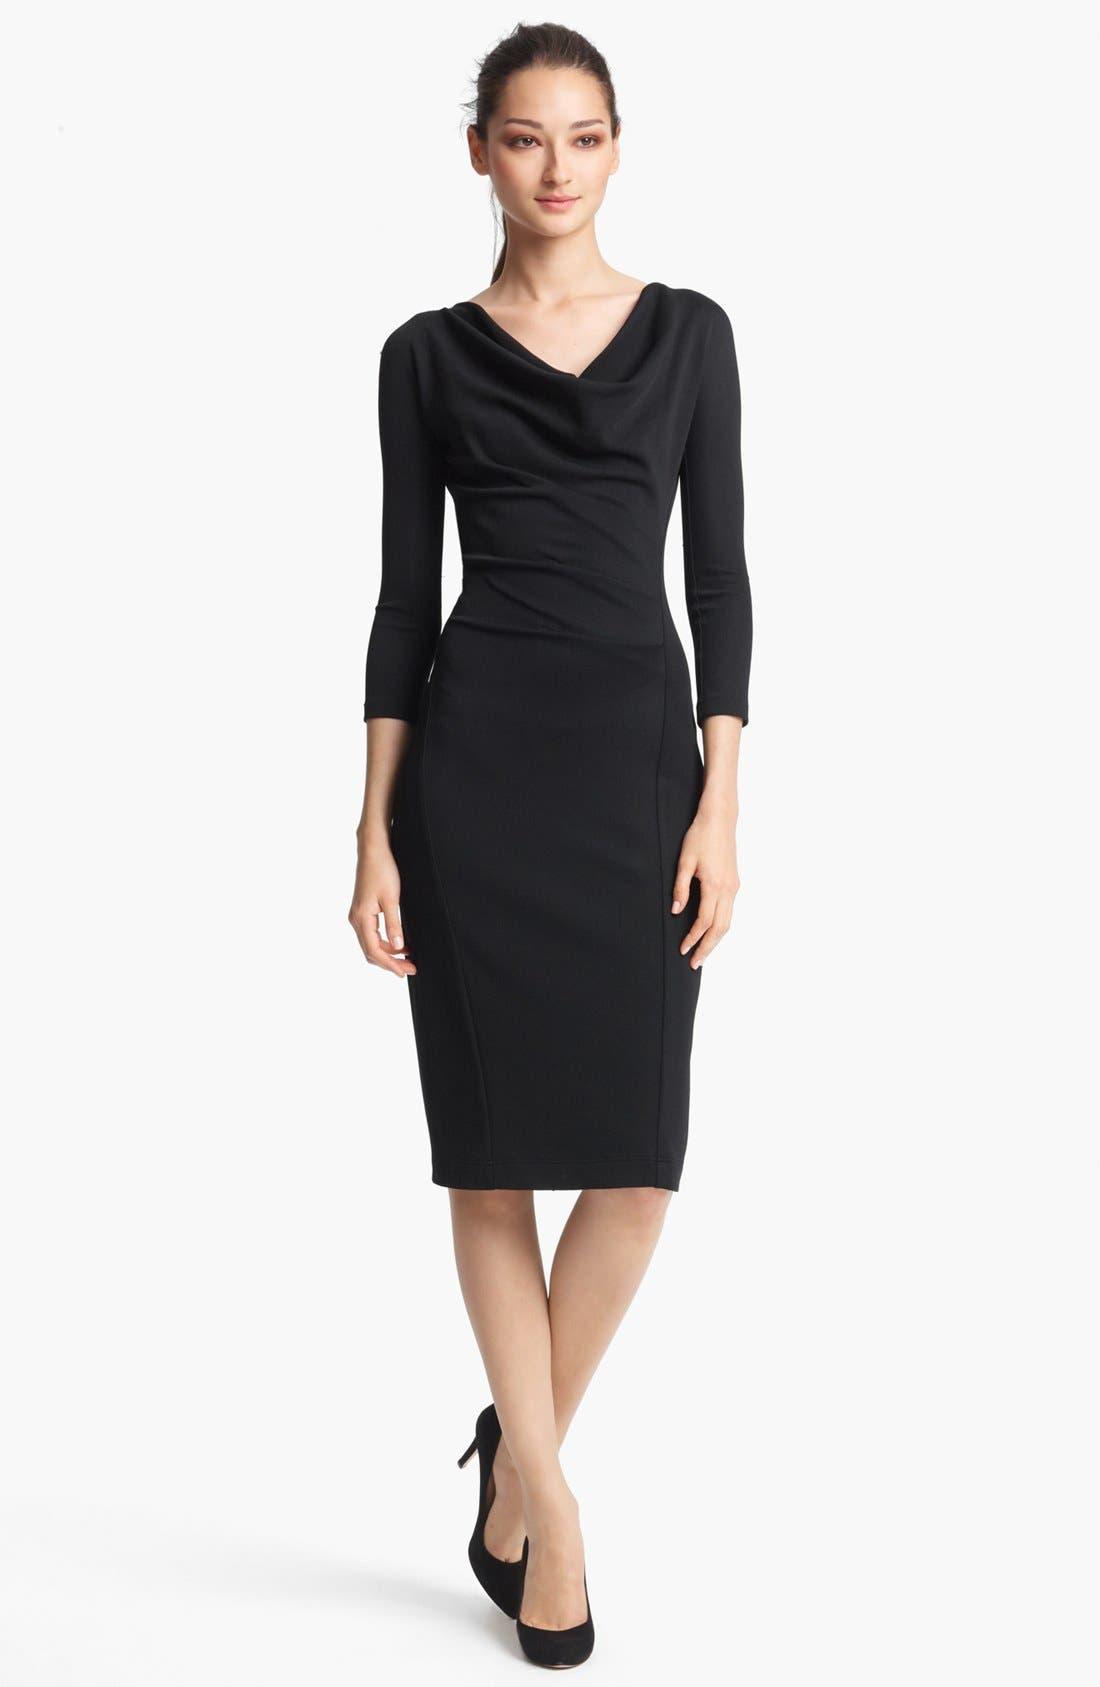 Main Image - Donna Karan Collection Crepe Jersey Dress